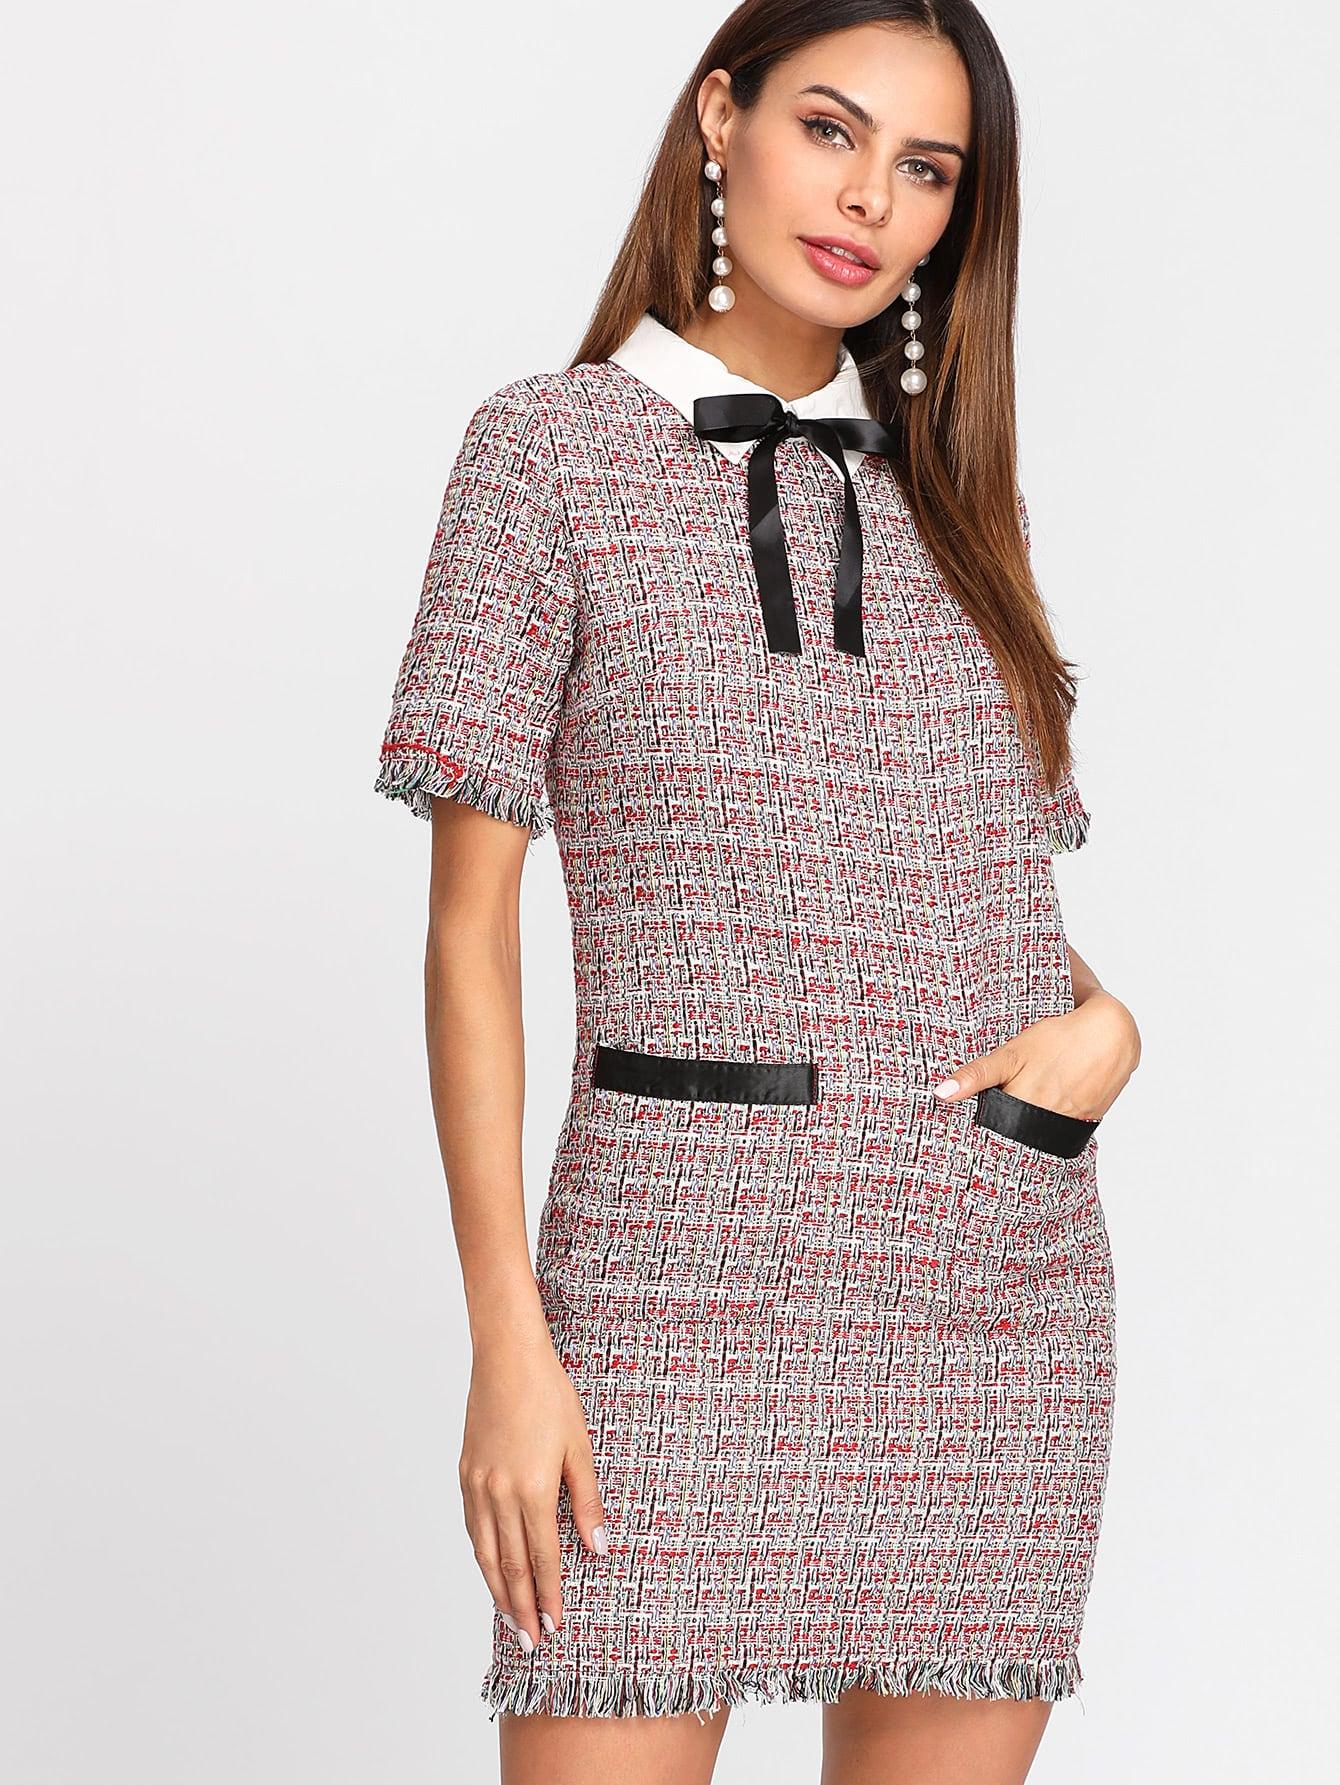 Contrast Bow Neck Fringe Trim Tweed Dress contrast tied neck allover fringe top